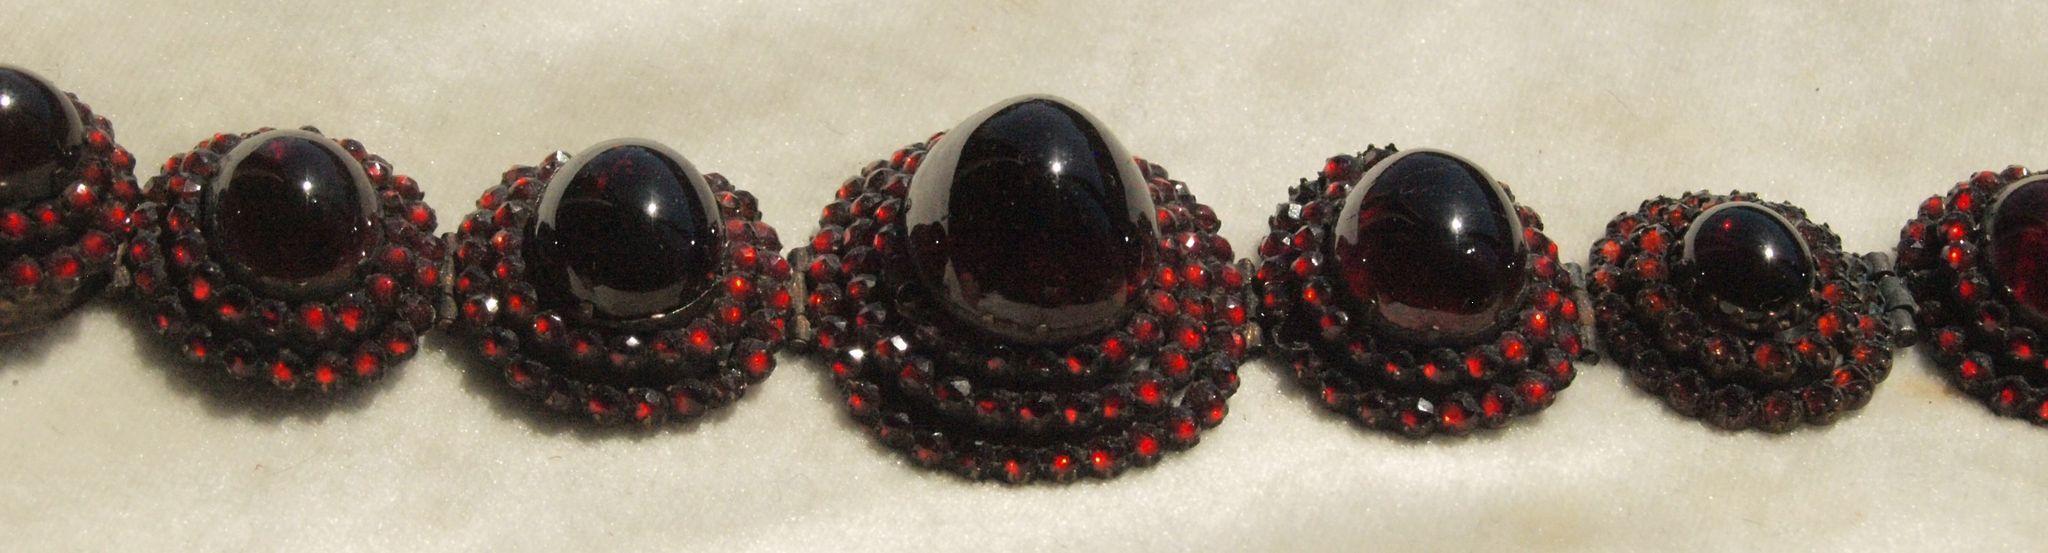 Ravishing Victorian Garnet Cluster Bracelet Huge Garnets